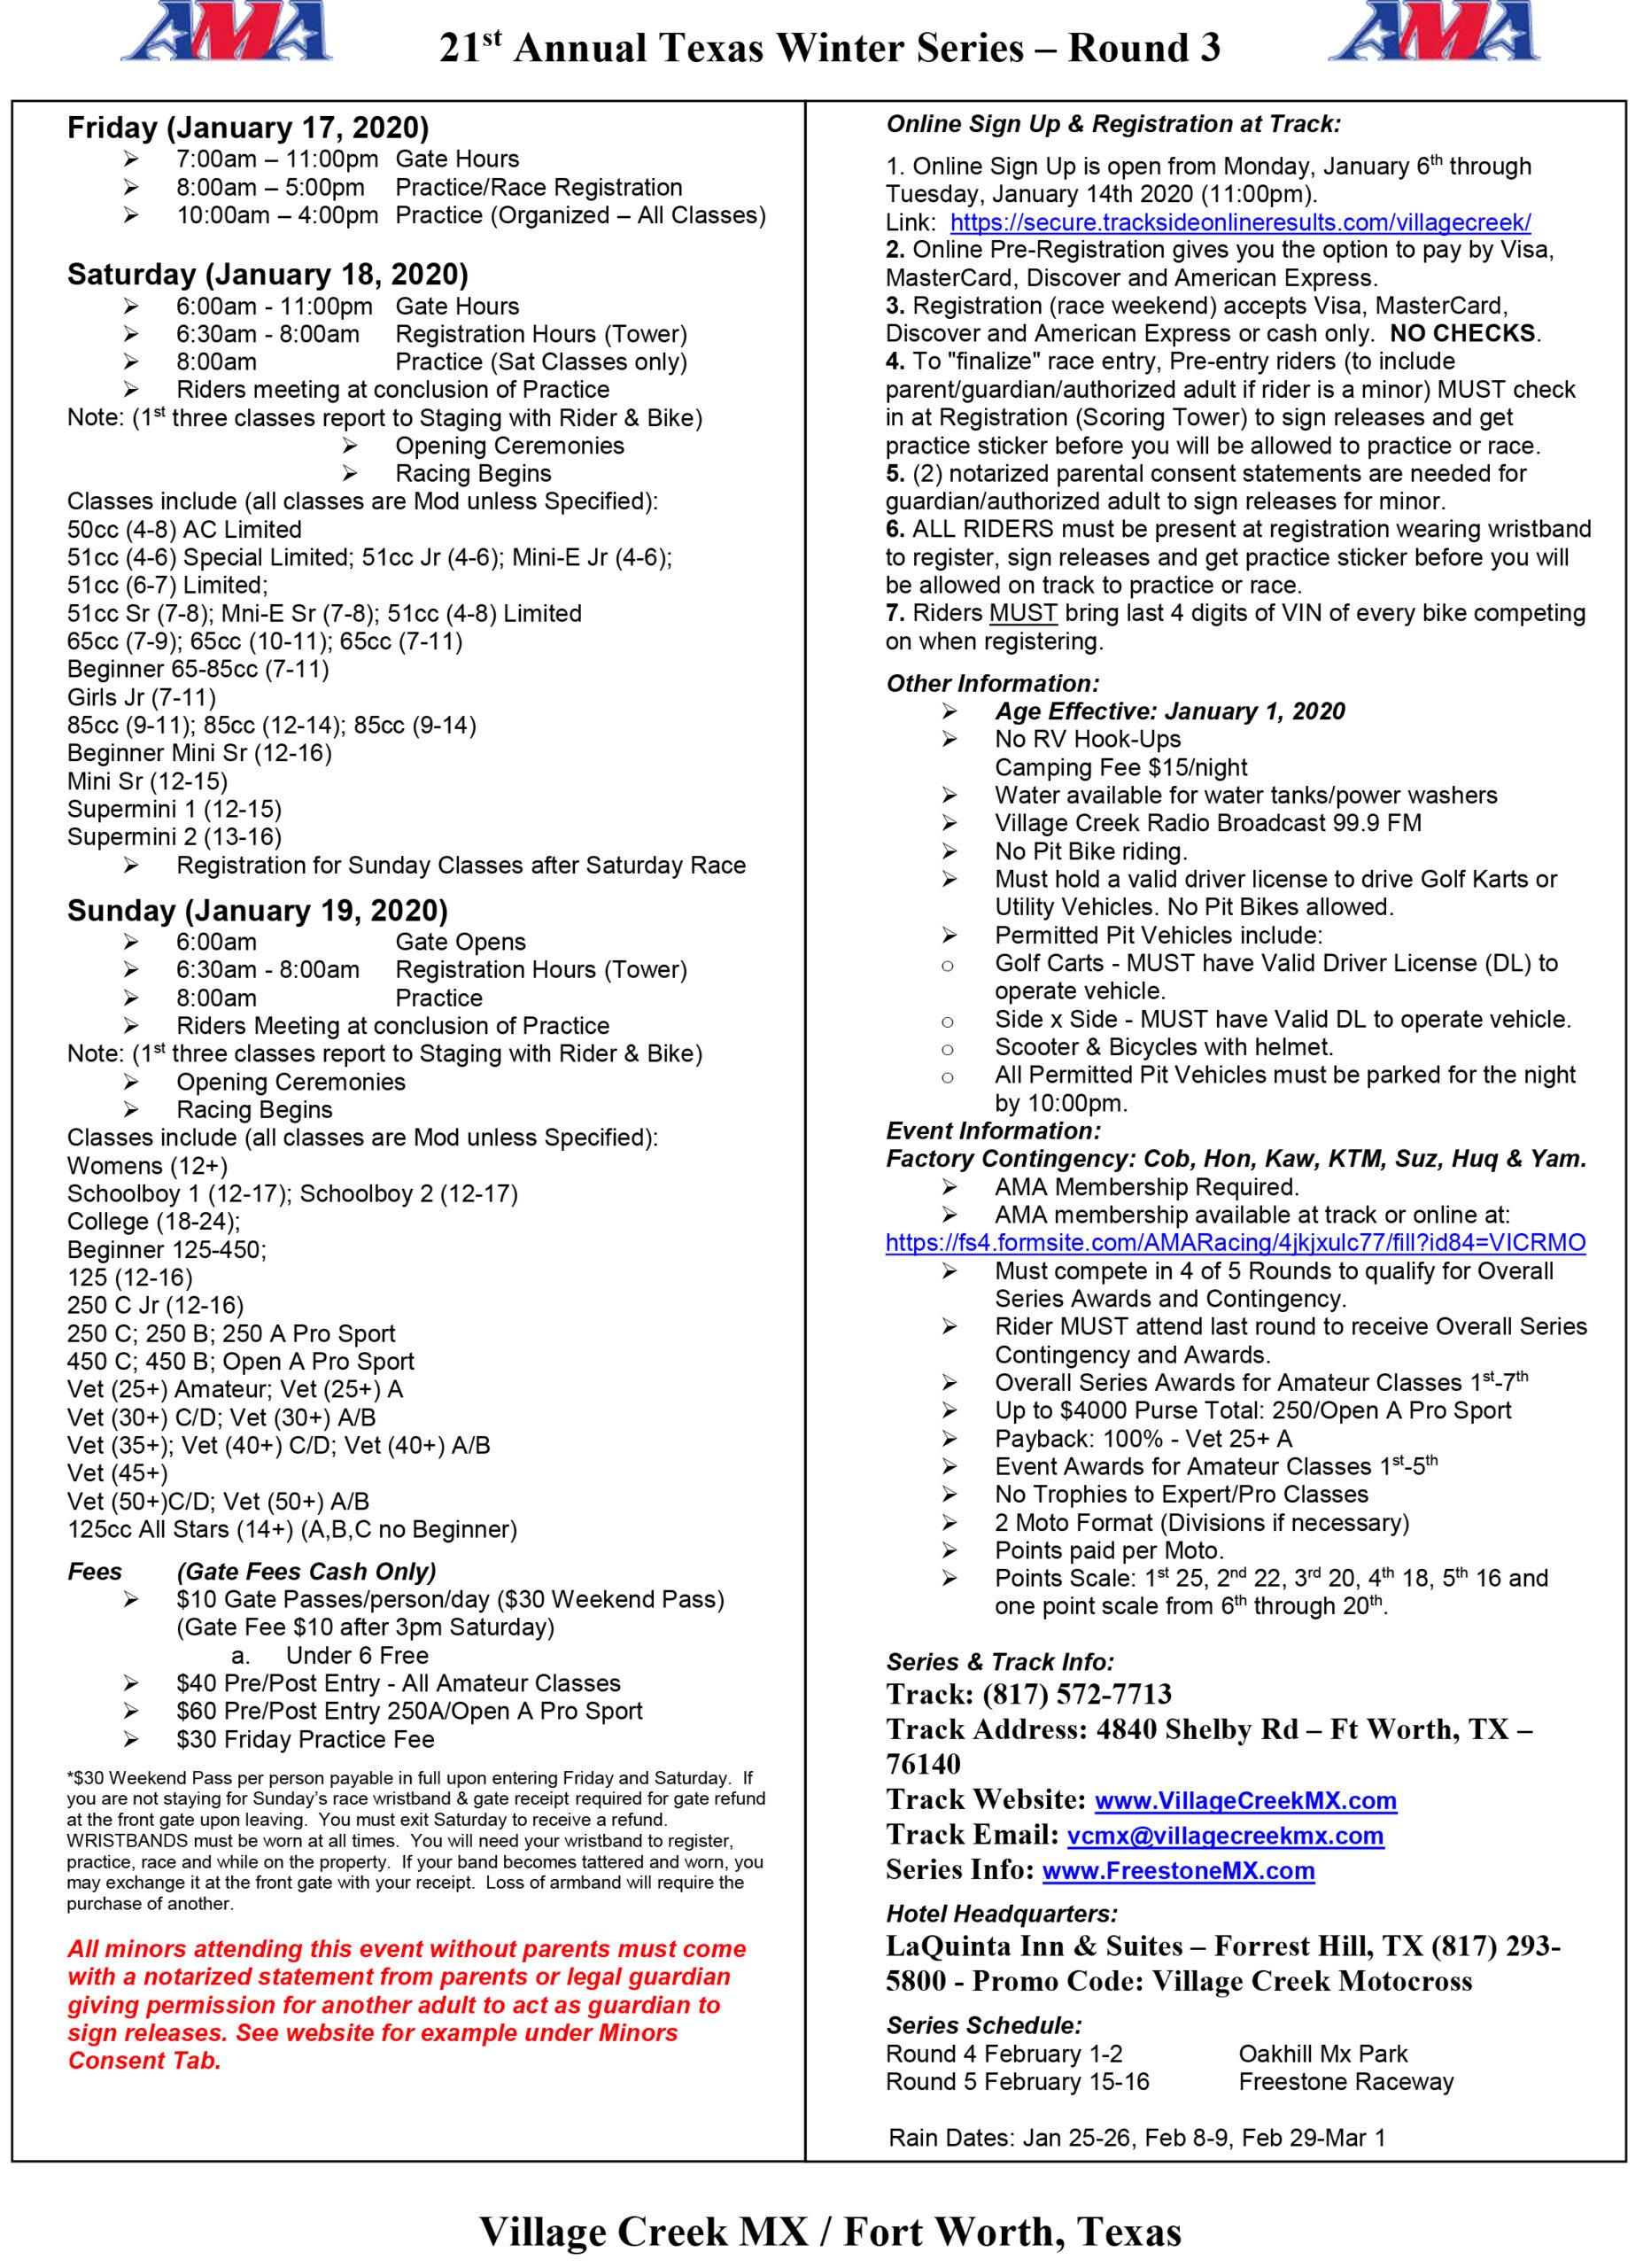 Texas Winter Series Round 3 Schedule